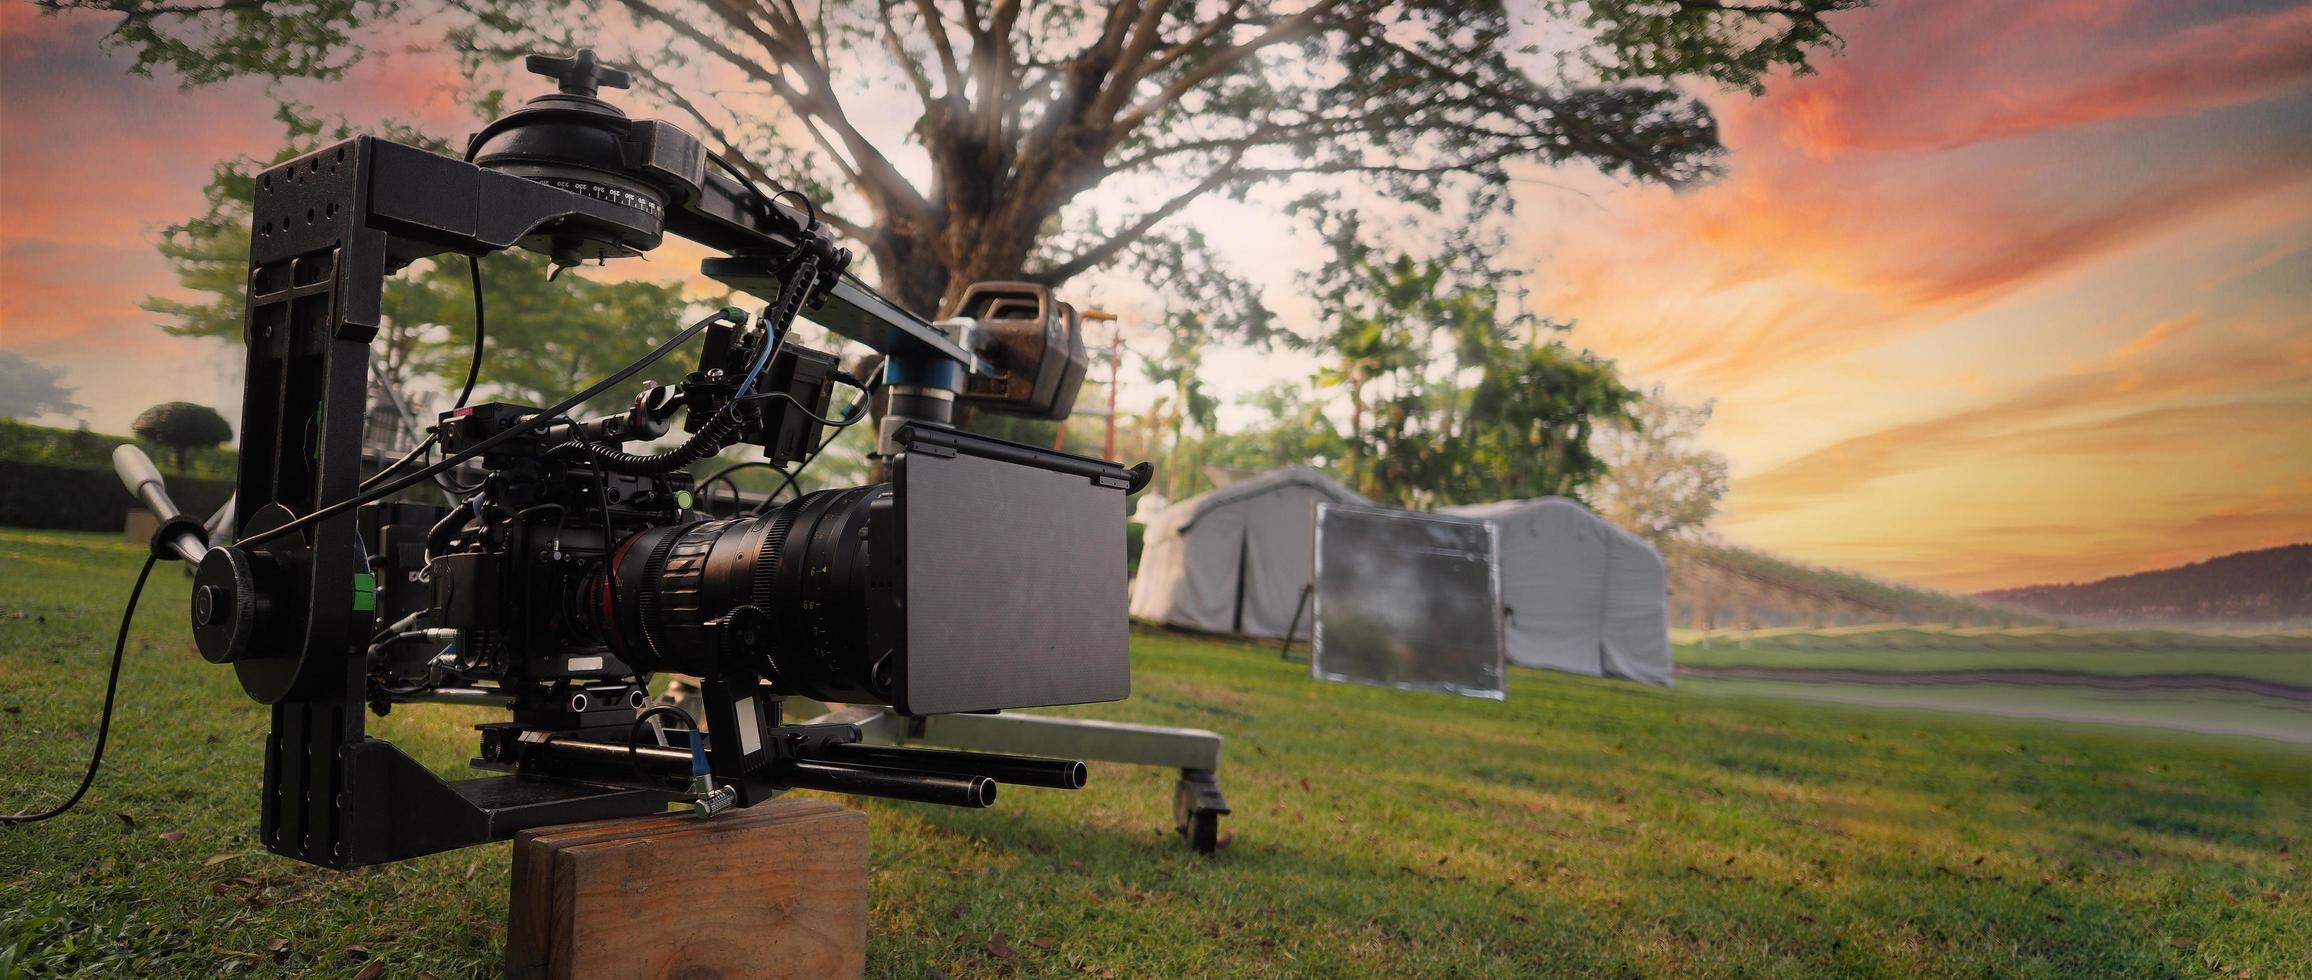 dietro la videocamera che per la registrazione di filmati all'aperto. foto